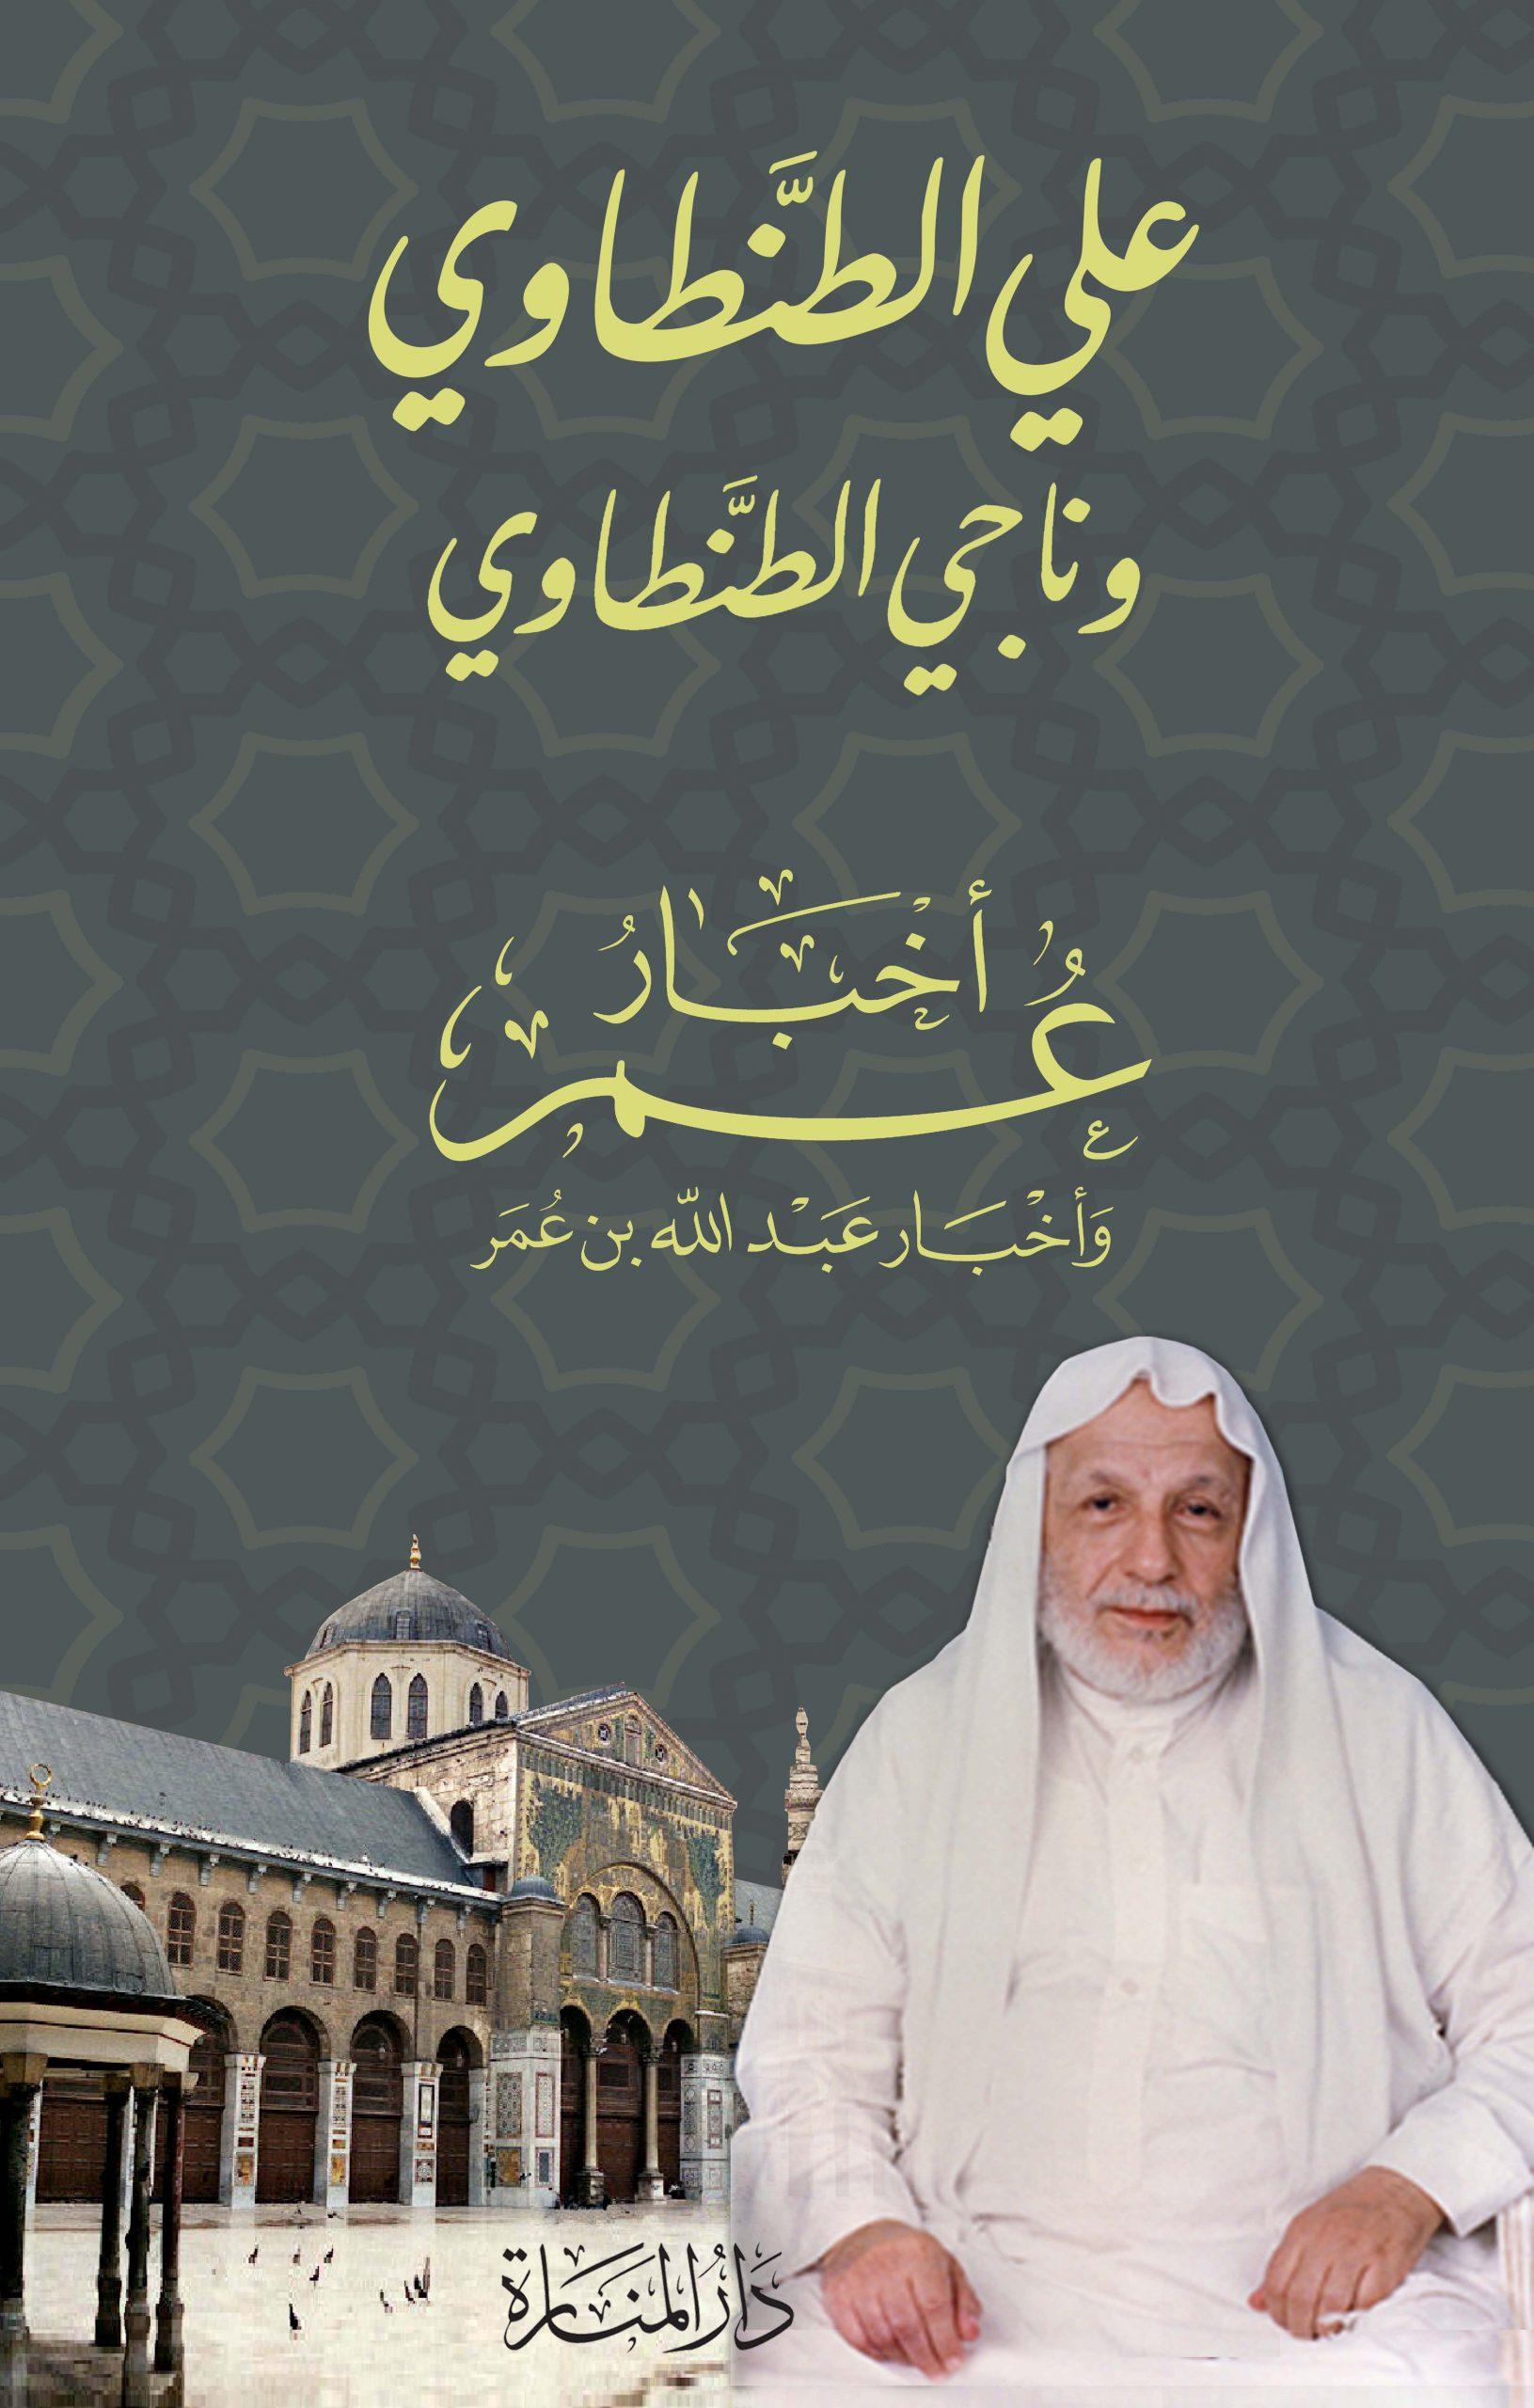 كتاب أخبار عمر وأخبار عبد الله بن عمر - علي الطنطاوي ناجي الطنطاوي